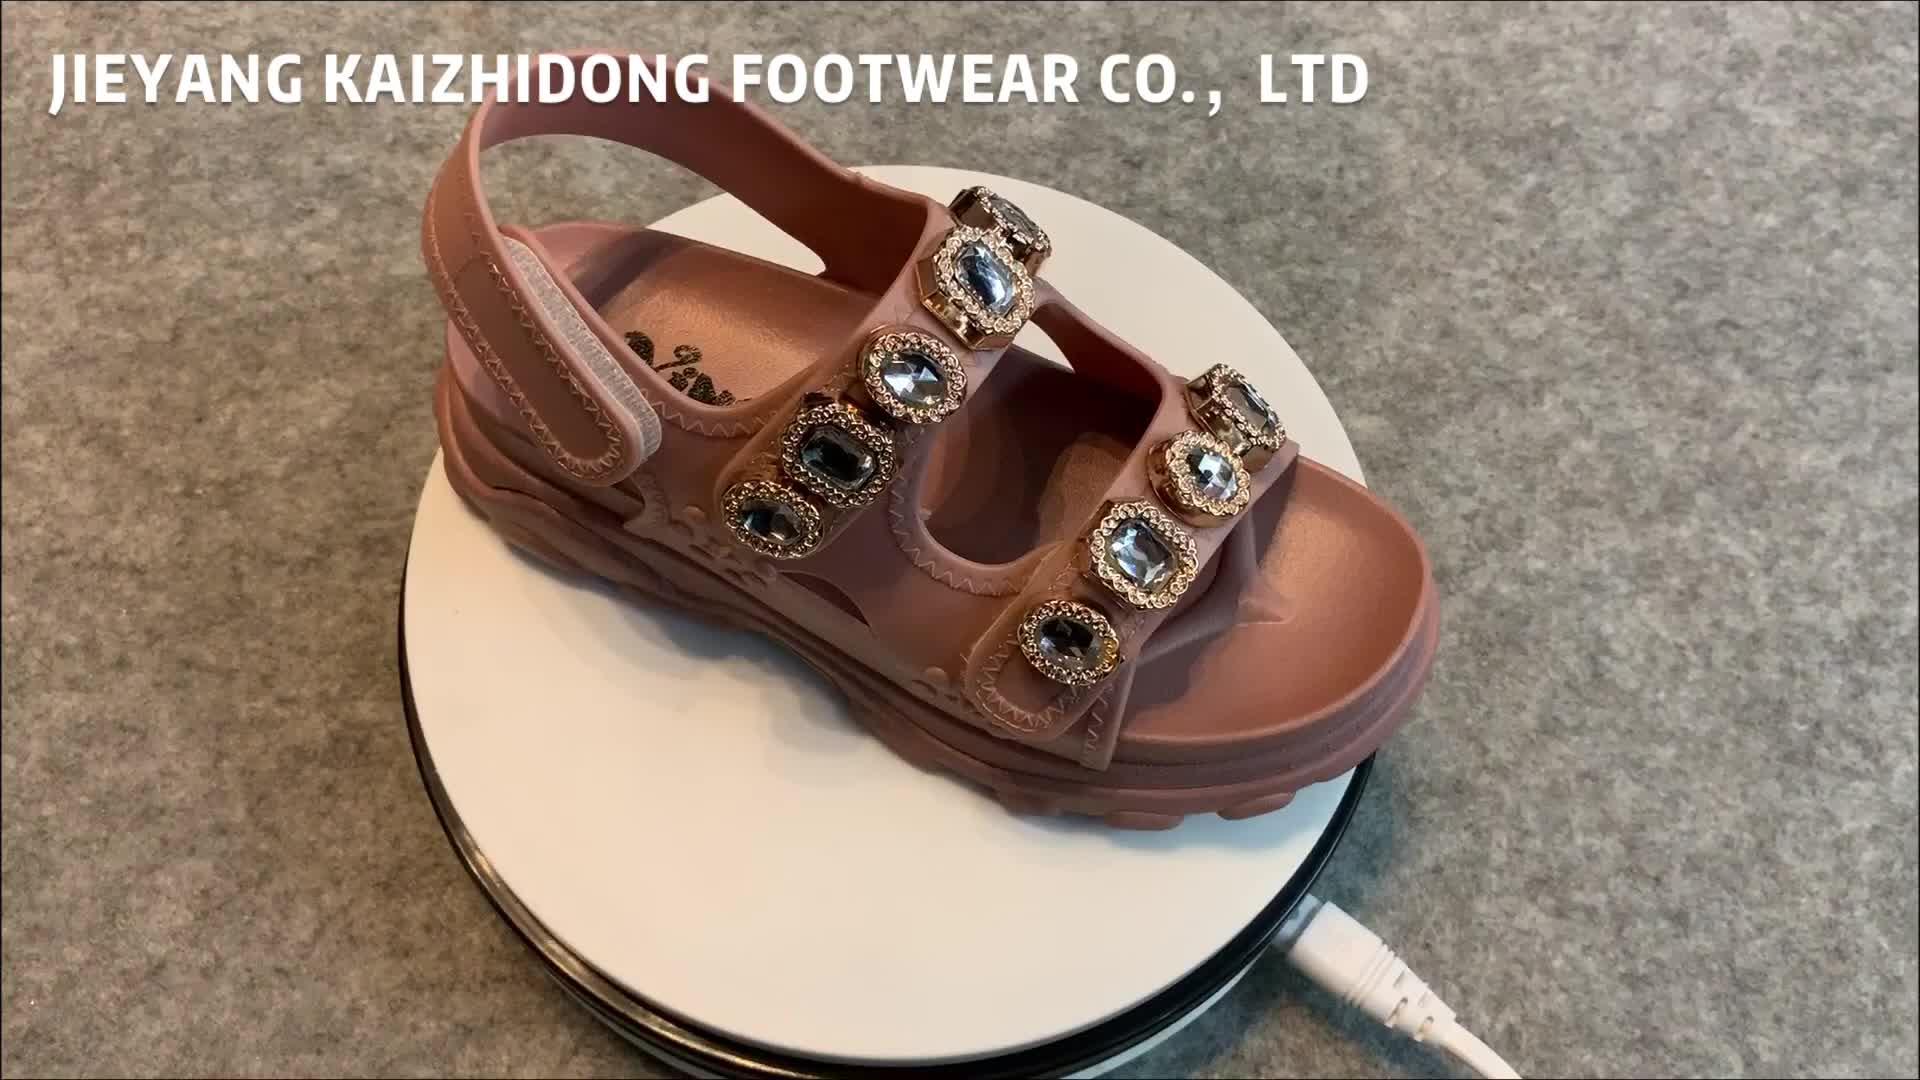 Tıknaz tanga altın elmas glitter rhinestone pcu ayakkabı platformu kama topuk kalın dipli tay terlik sandalet yüksek topuk 2019